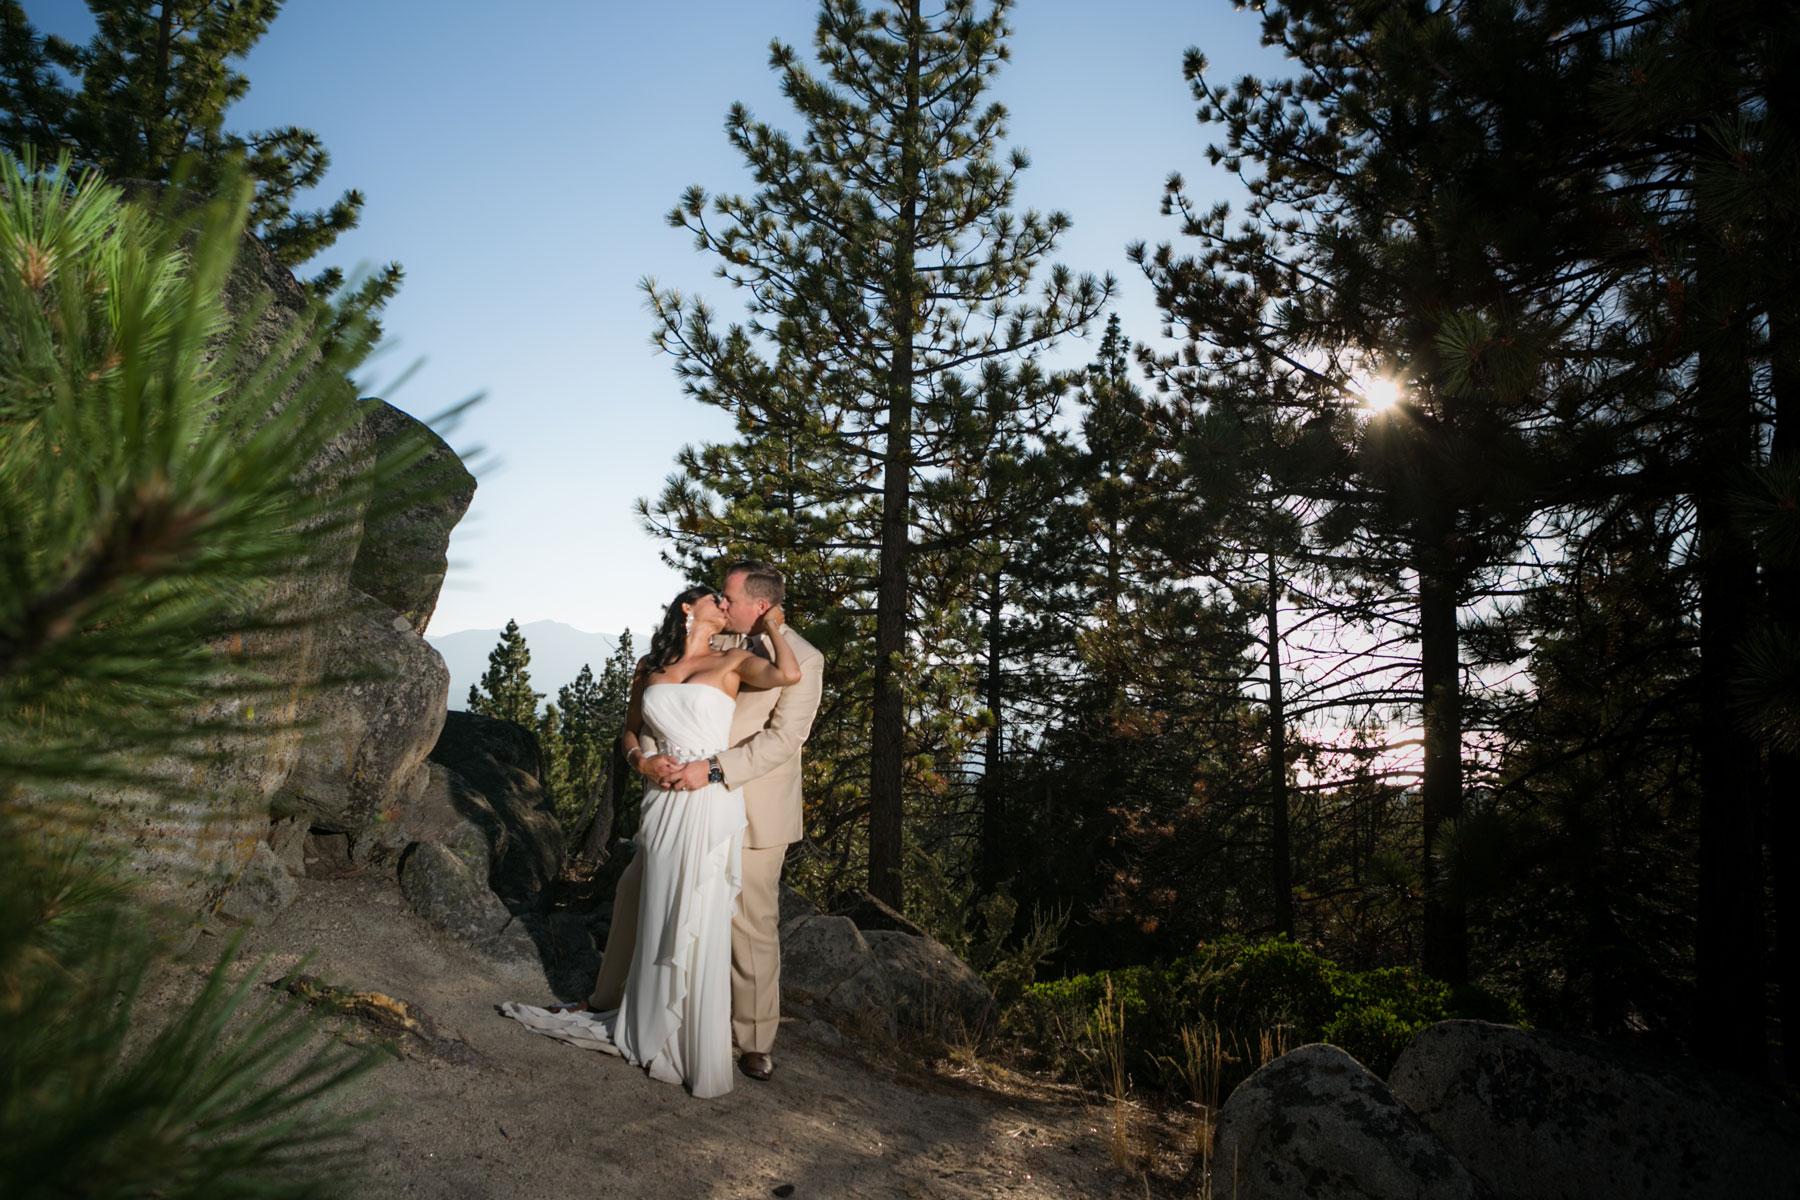 South-Lake-Tahoe-weddings-10-tahoe-wedding